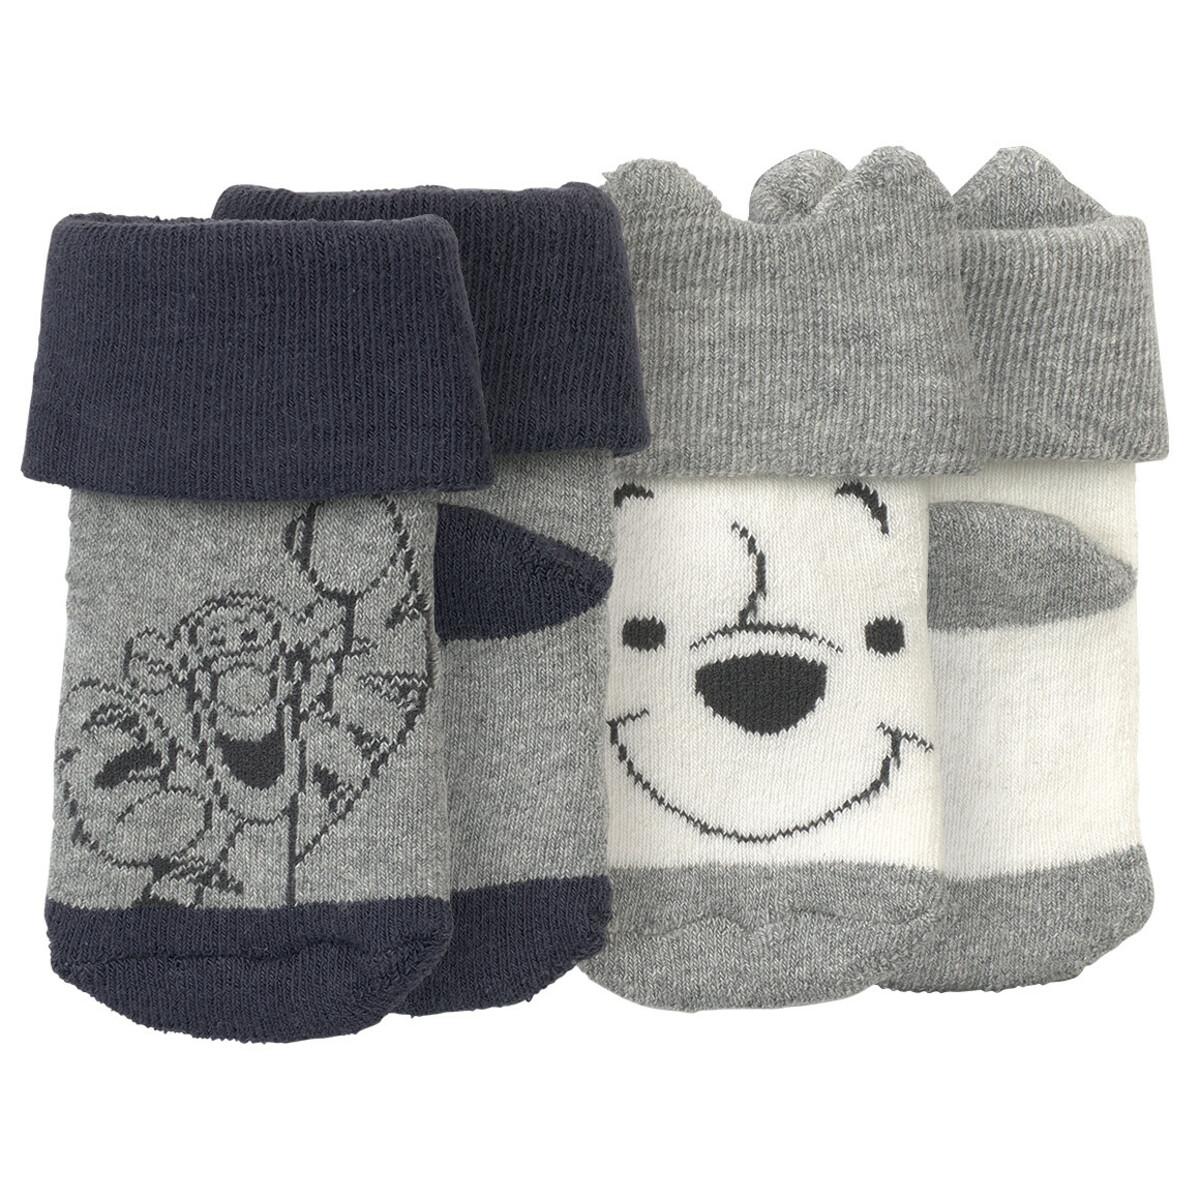 Bild 1 von 2 Paar Winnie Puuh Socken im Set